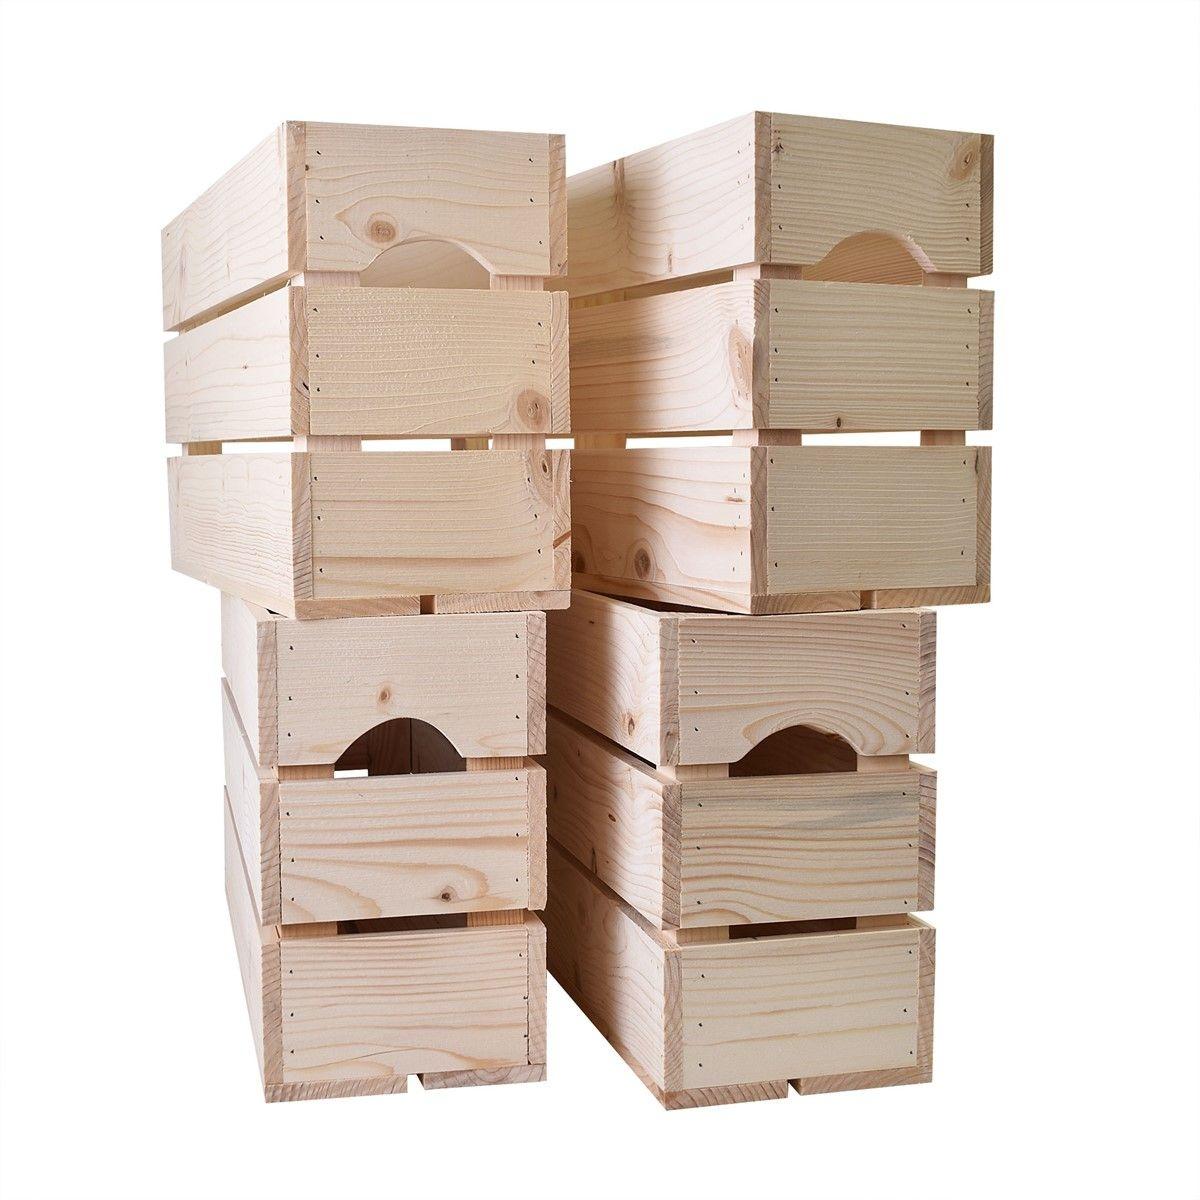 Lot de 4 caisses en bois Demi HAUT L54xH30xP18cm